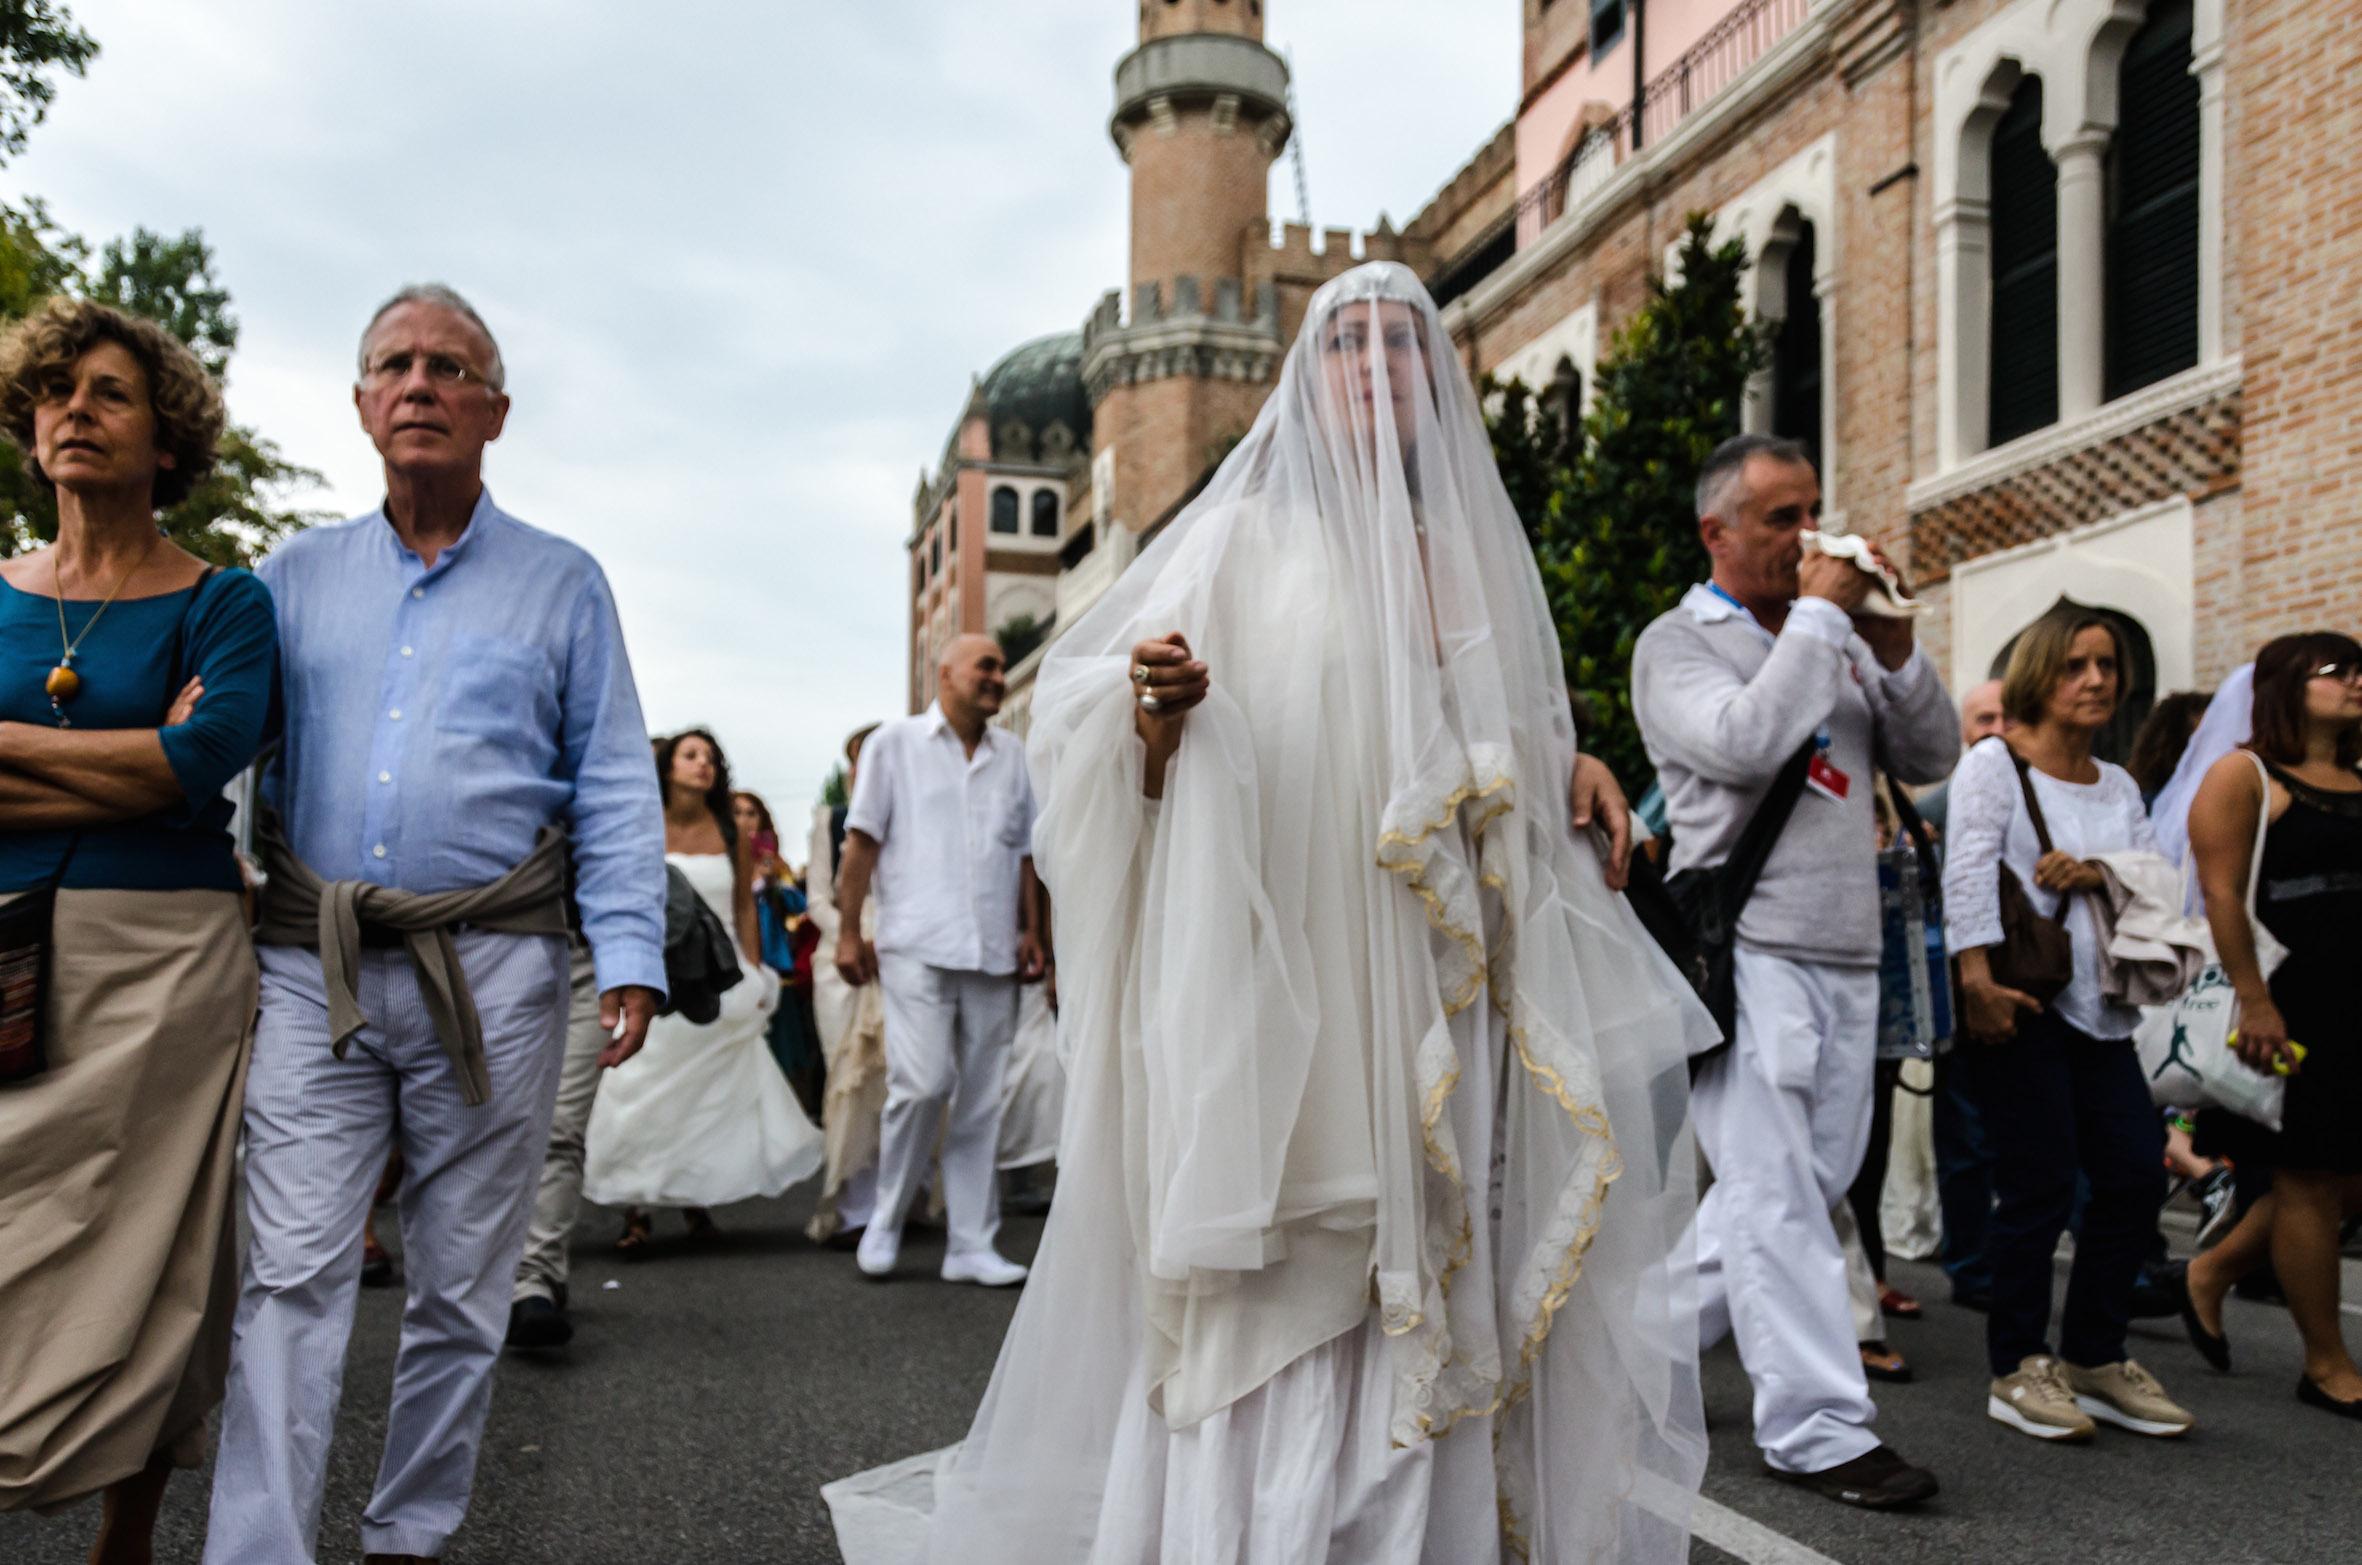 Prende vita il corteo di spose